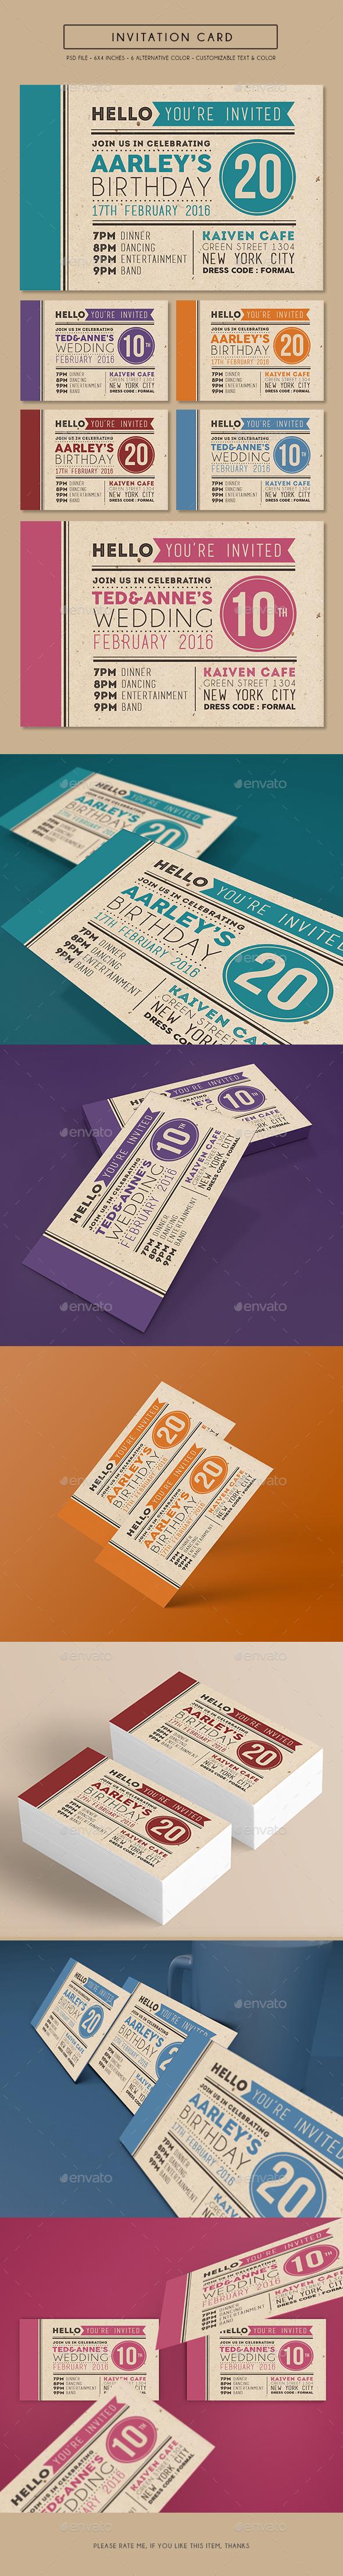 Colorfull Invitation Card - Invitations Cards & Invites